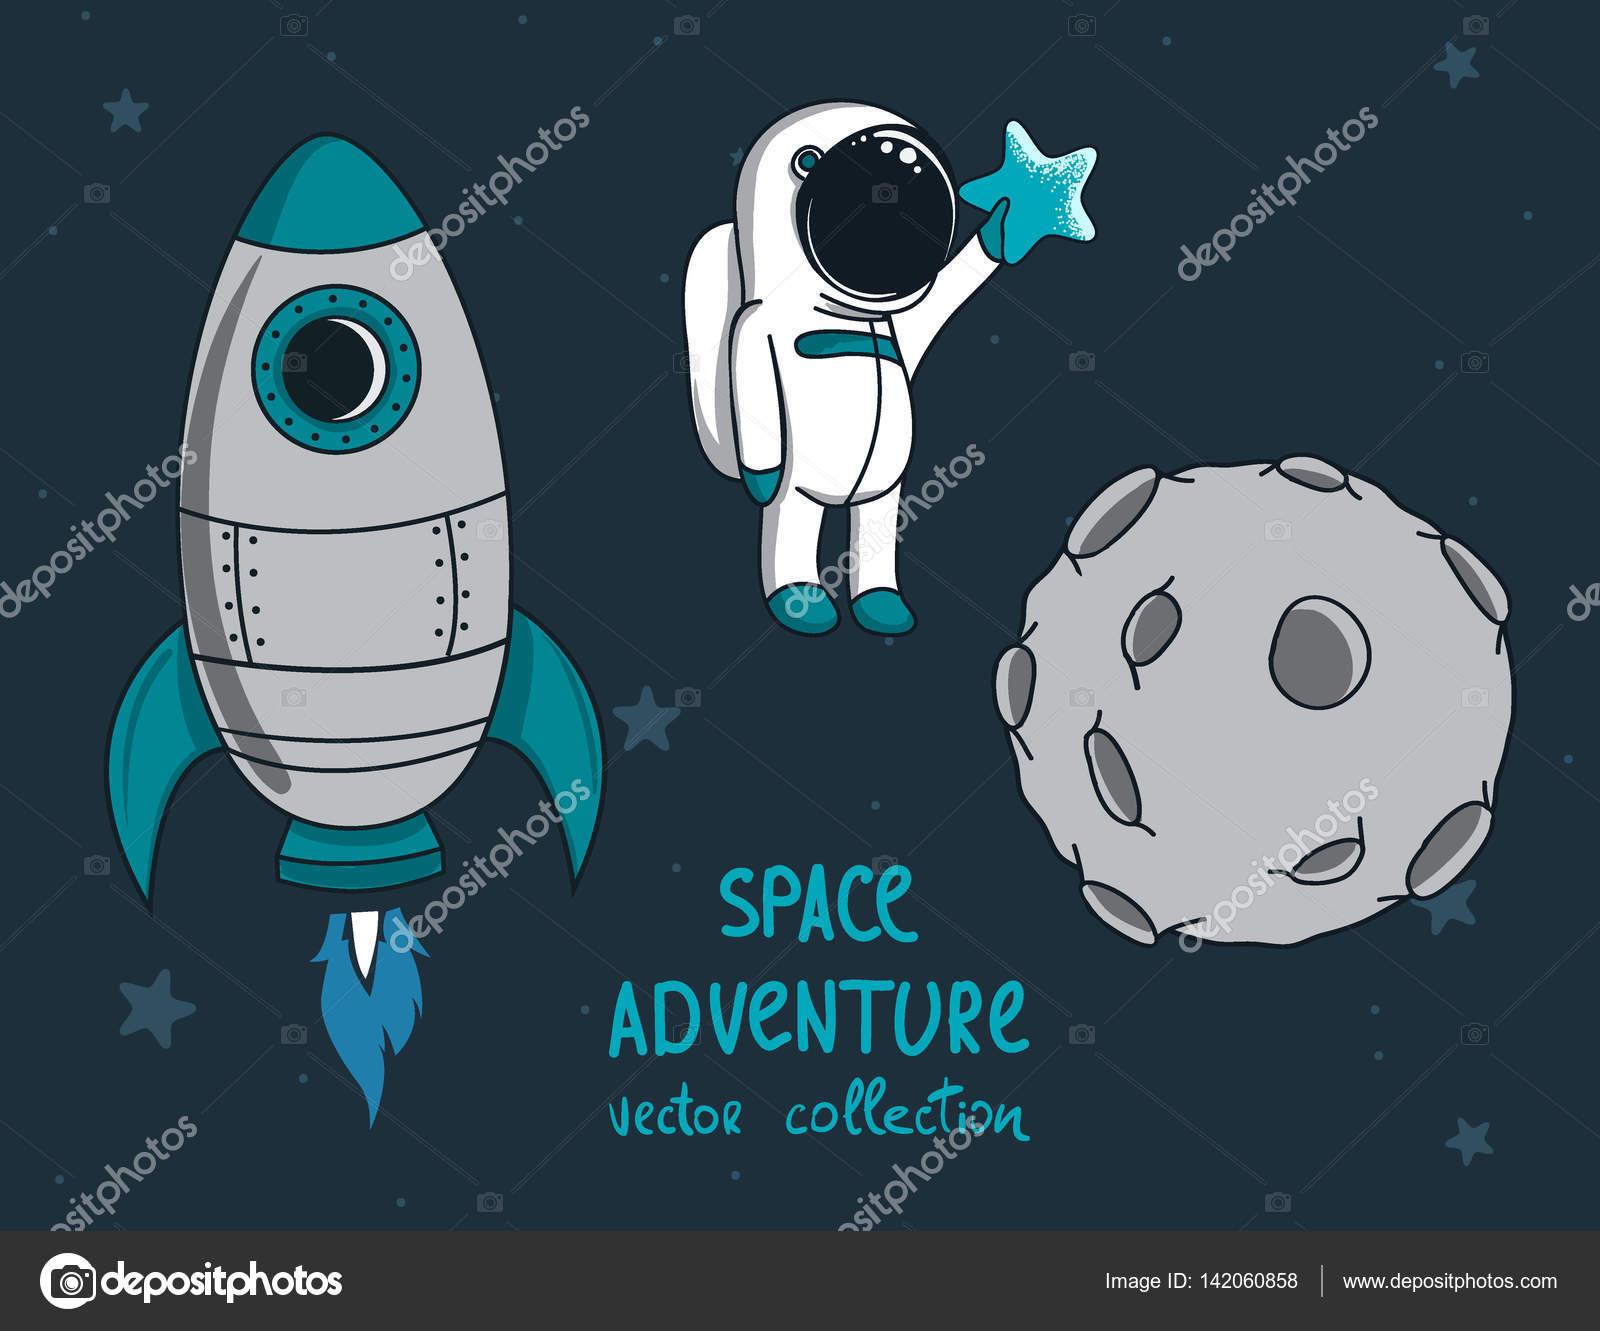 Cohete De Astronauta Y Vintage De Dibujos Animados: Luna, Cohete Y Astronauta Divertido Poco